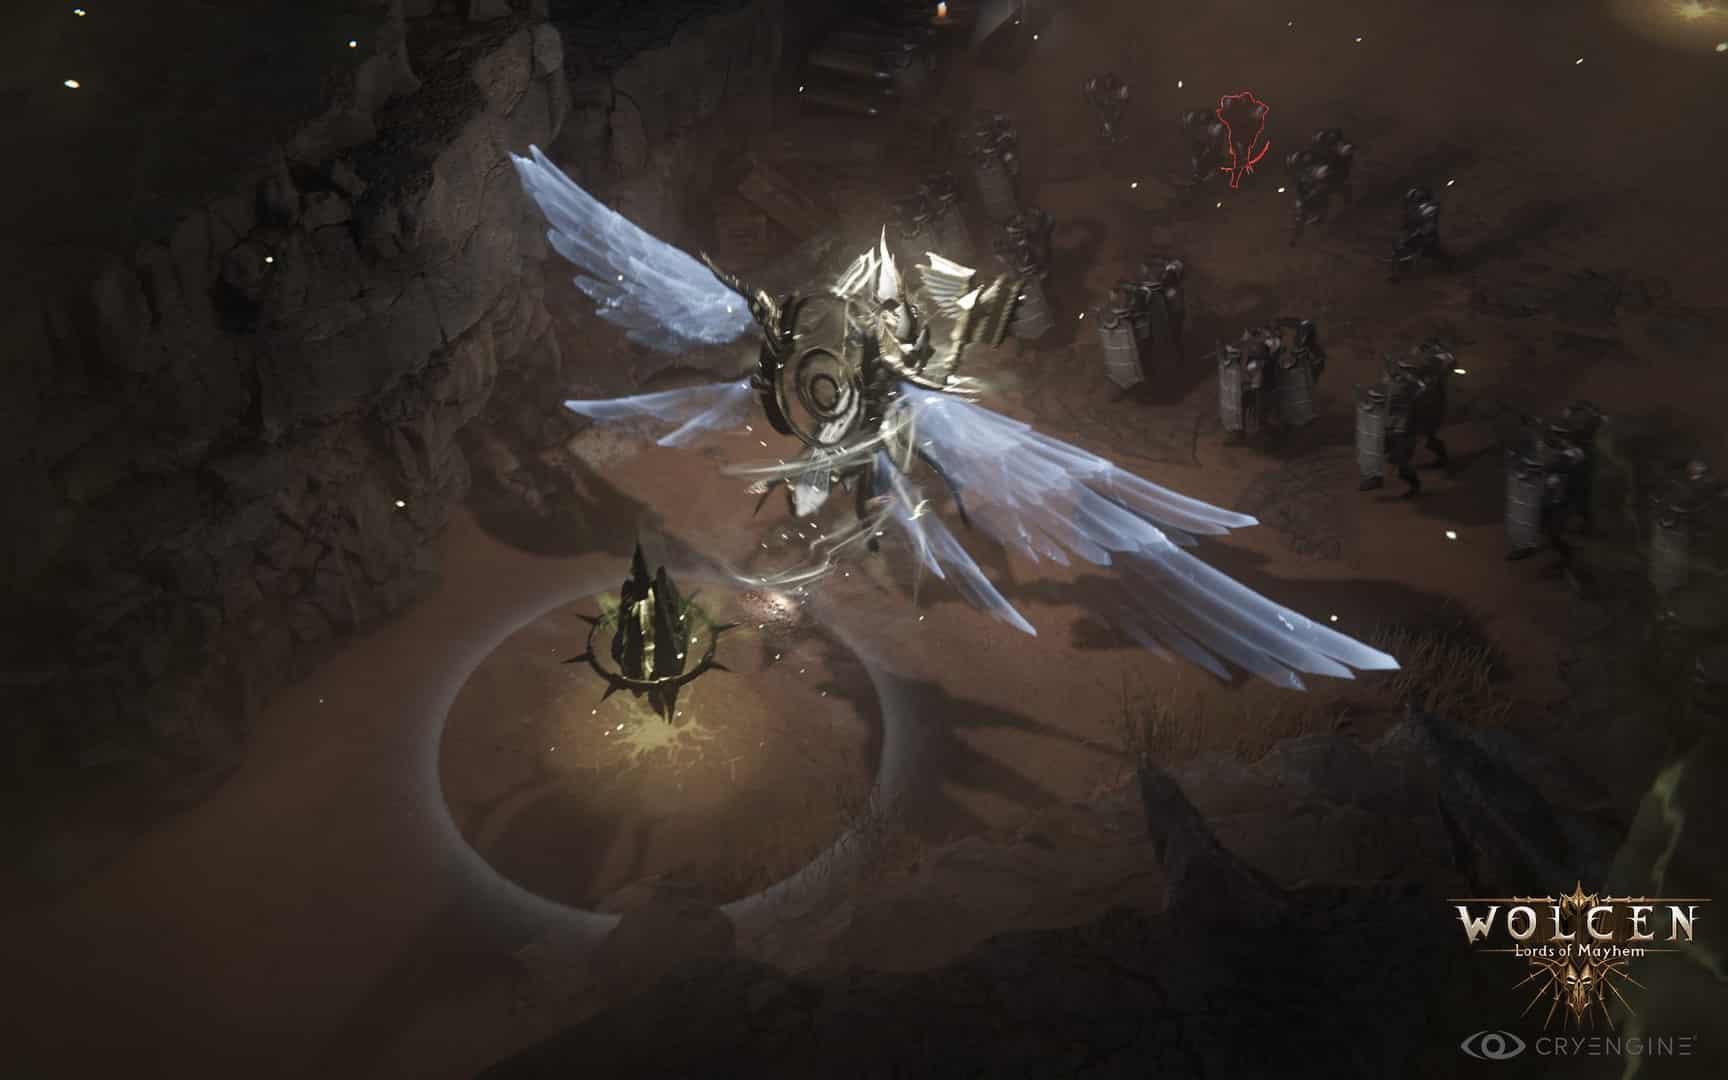 خرید استیم گیفت Wolcen: Lords of Mayhem اسکرین شات 2